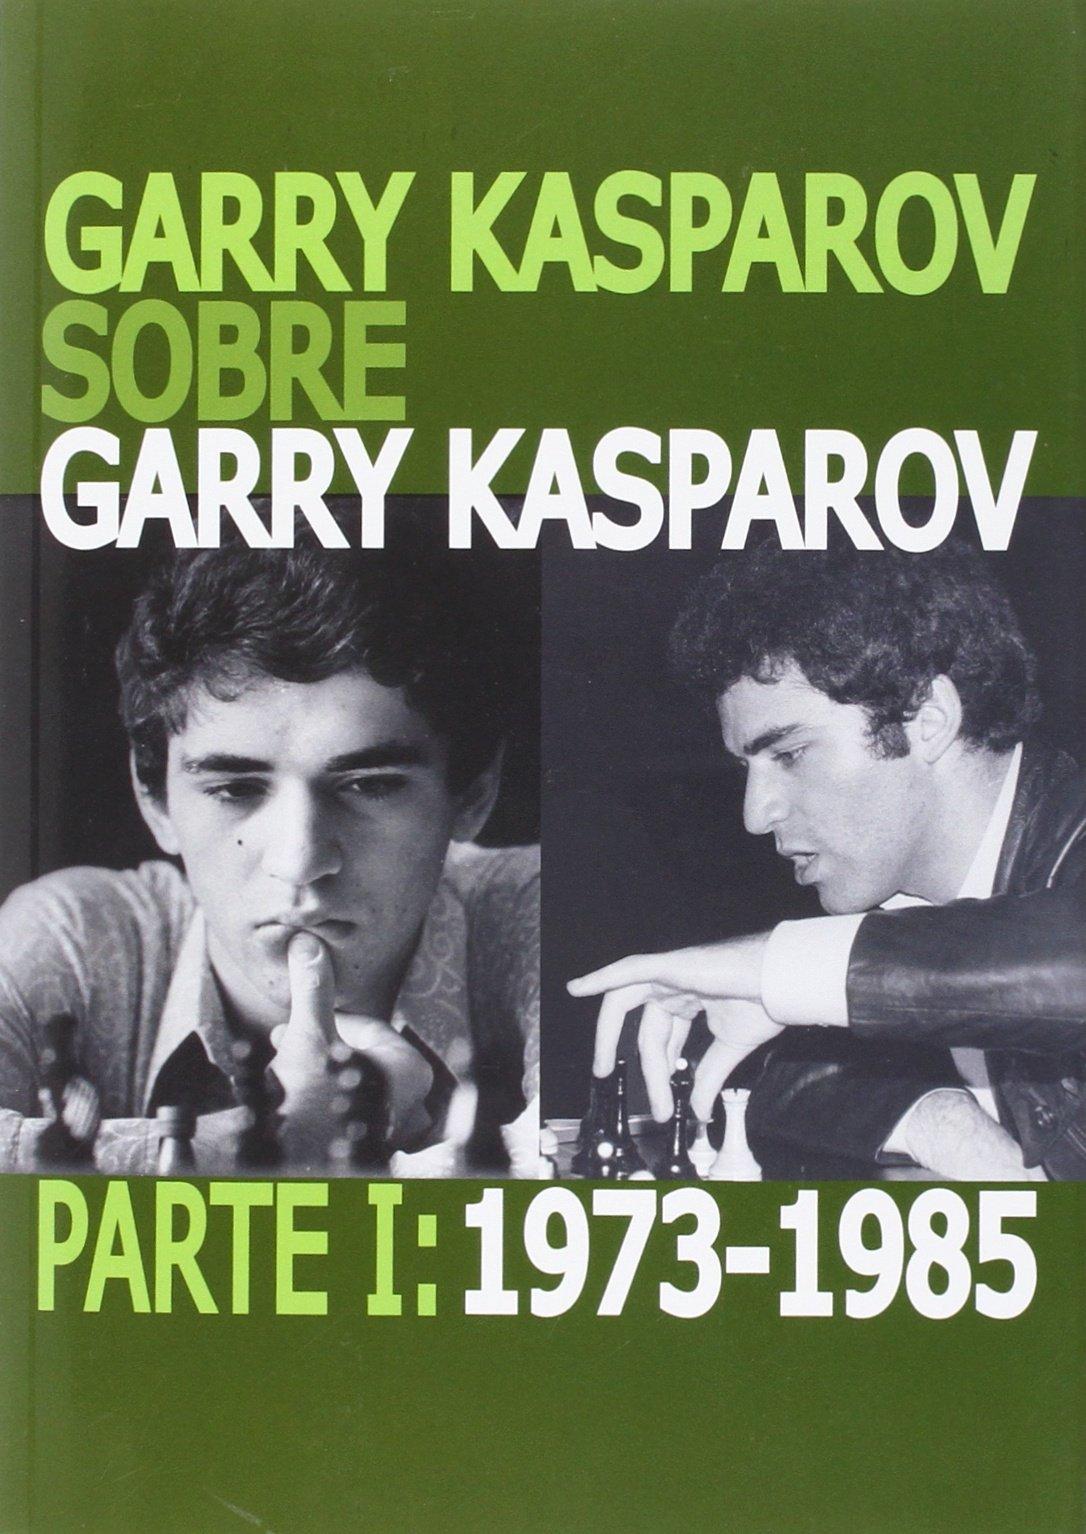 GARRY KASPAROV SOBRE GARRY KASPAROV pdf